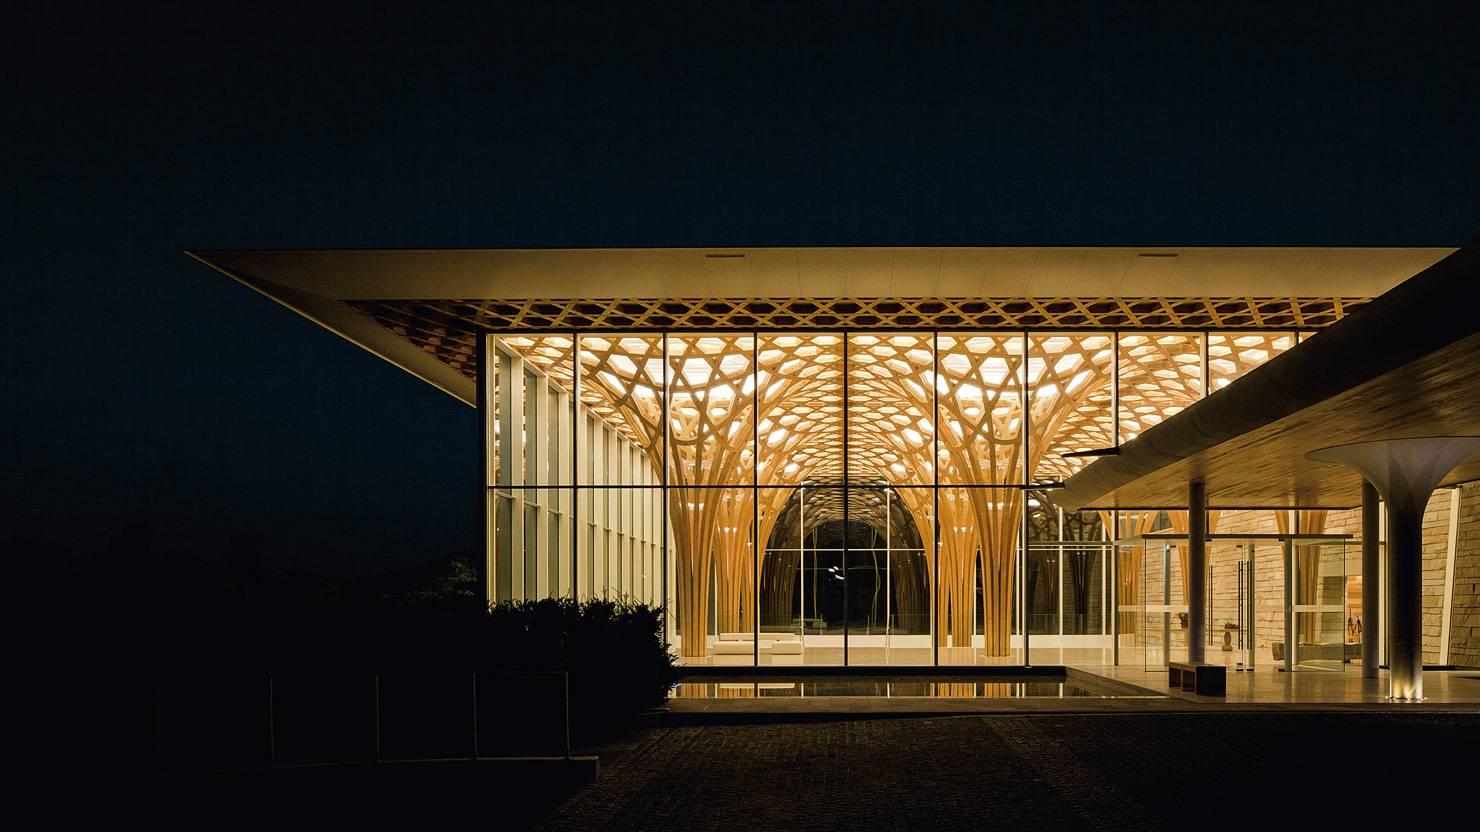 serramenti-facciata-acciaio-zincato-golf-clubhouse-kyeong-sik-yoon-3_project_big